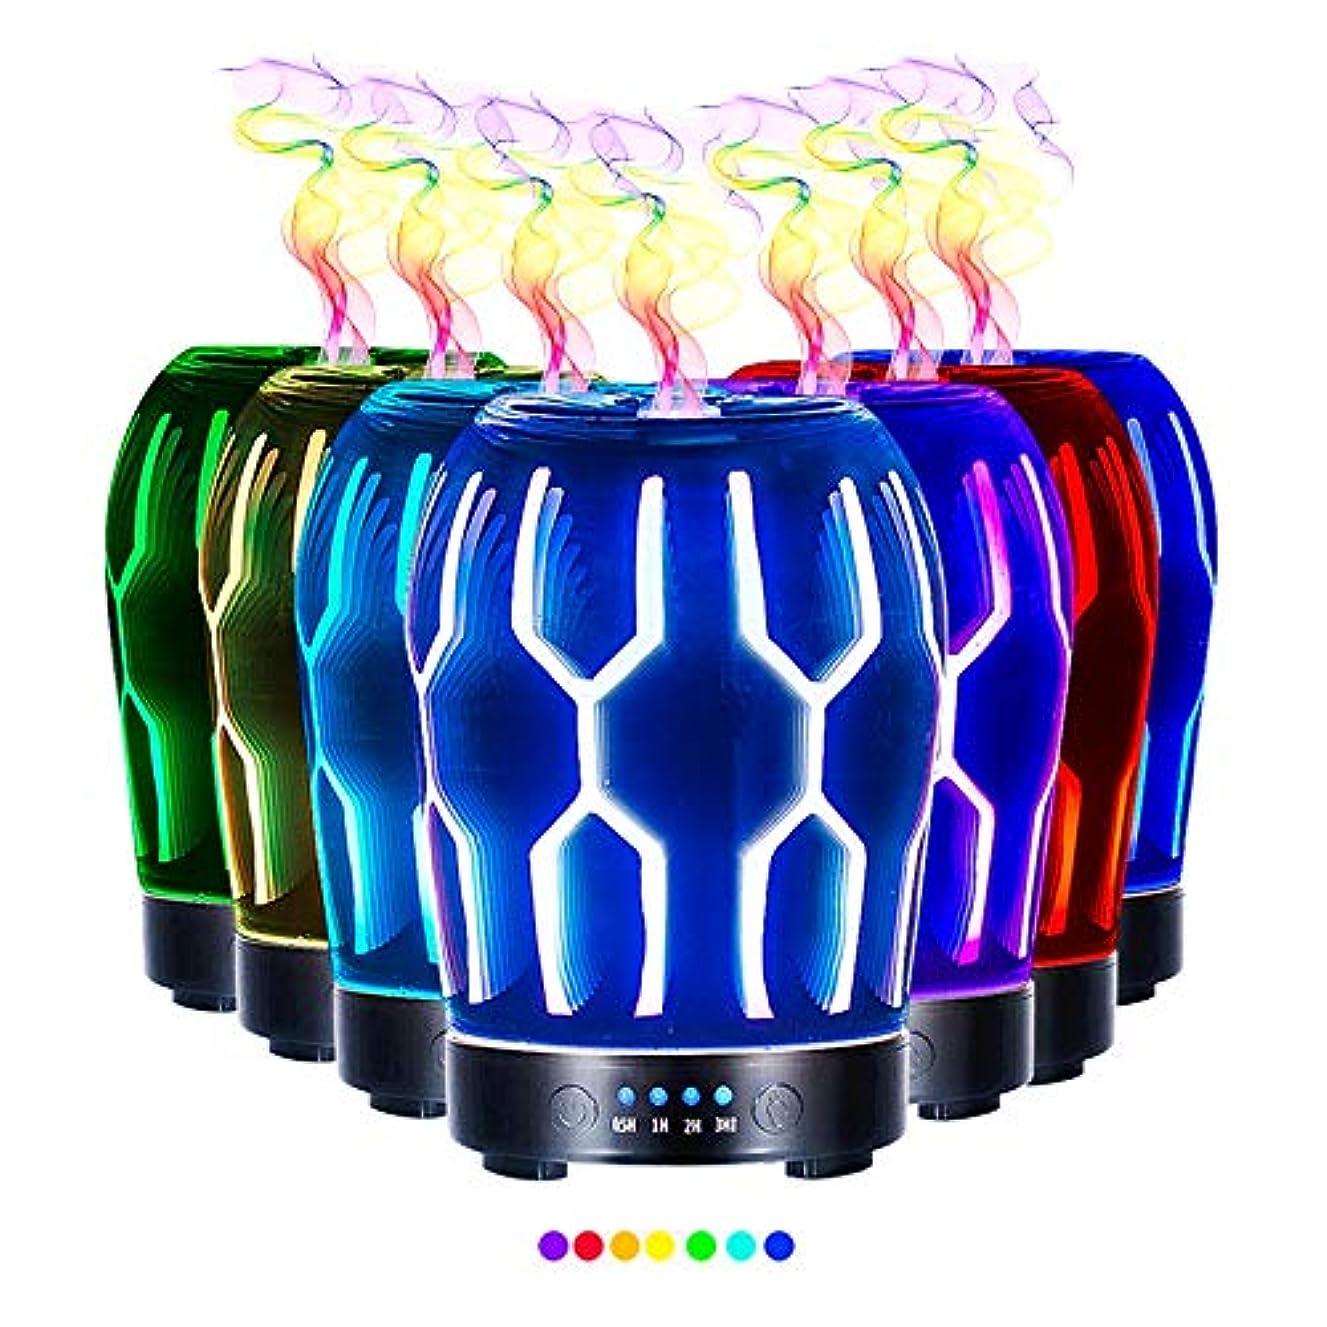 ケント料理水銀のエッセンシャルオイル用ディフューザー (100ml)-クリエイティブガラスハッカーマトリックスアロマ加湿器7色の変更 LED ライト & 4 タイマー設定、水なしの自動シャットオフ